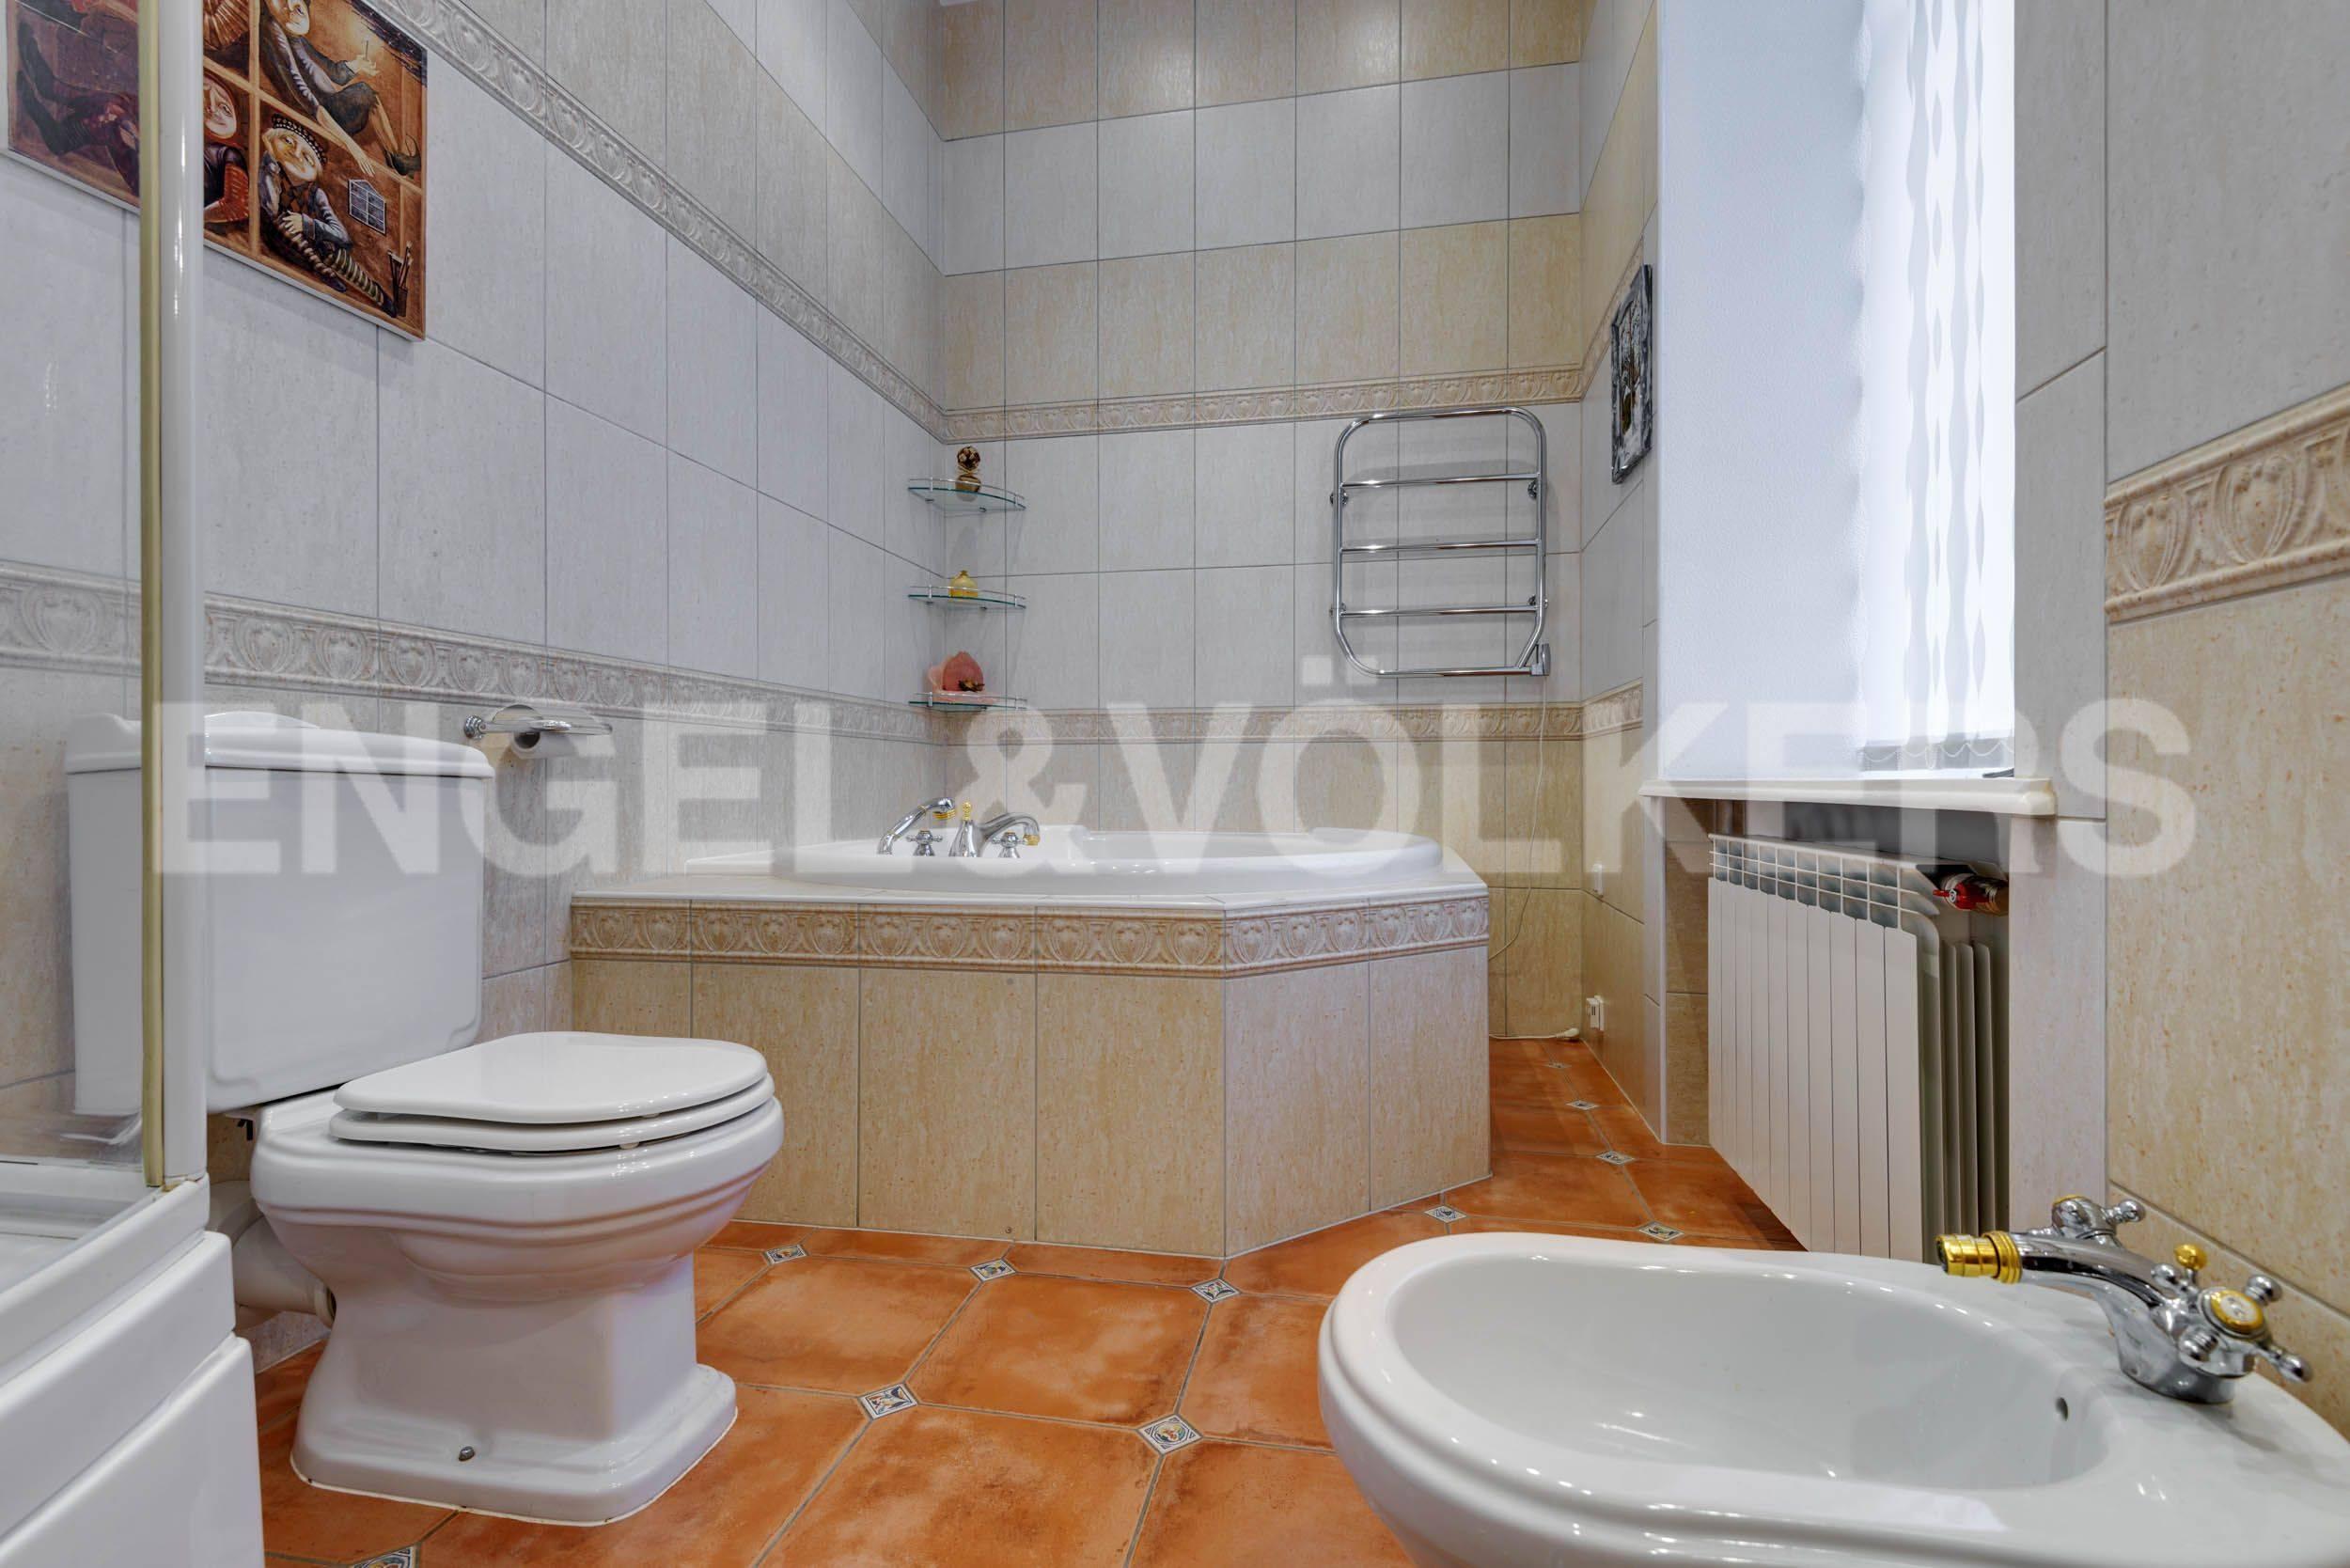 Элитные квартиры в Центральном районе. Санкт-Петербург, Марсово поле, 3. Ванная комната с окном